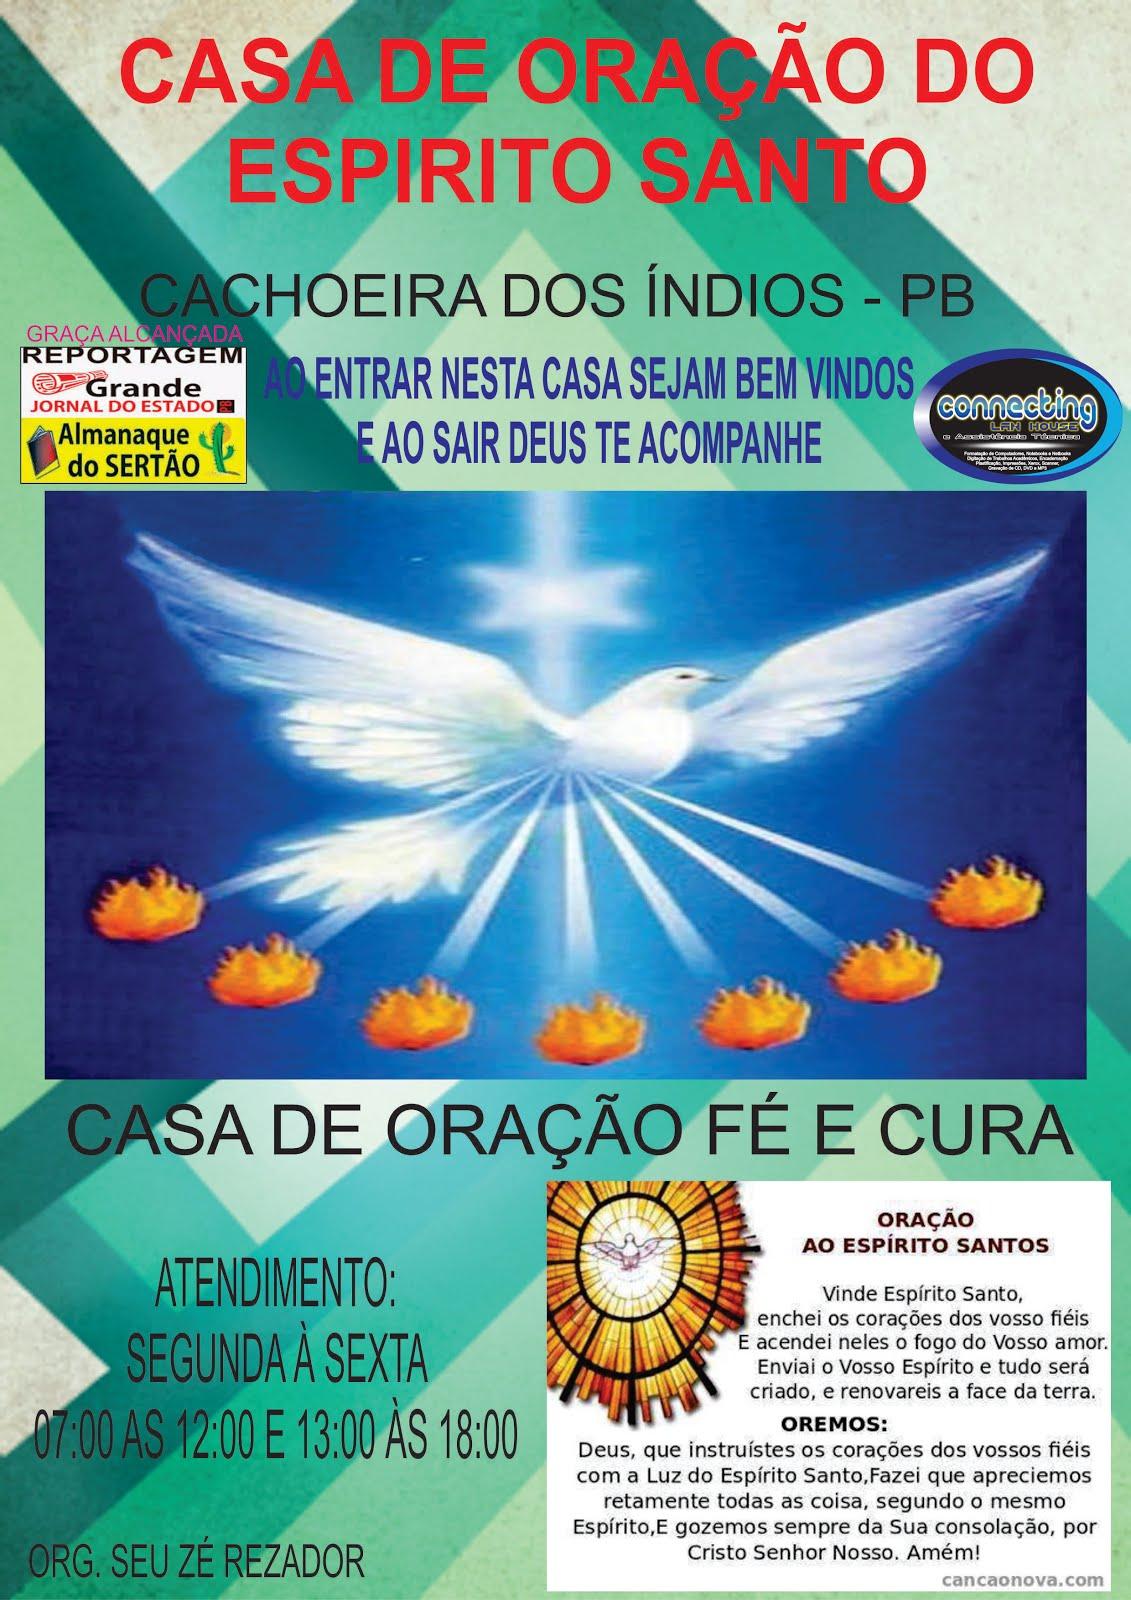 casa  de oração  de CACHOEIRA DOS INDIOS